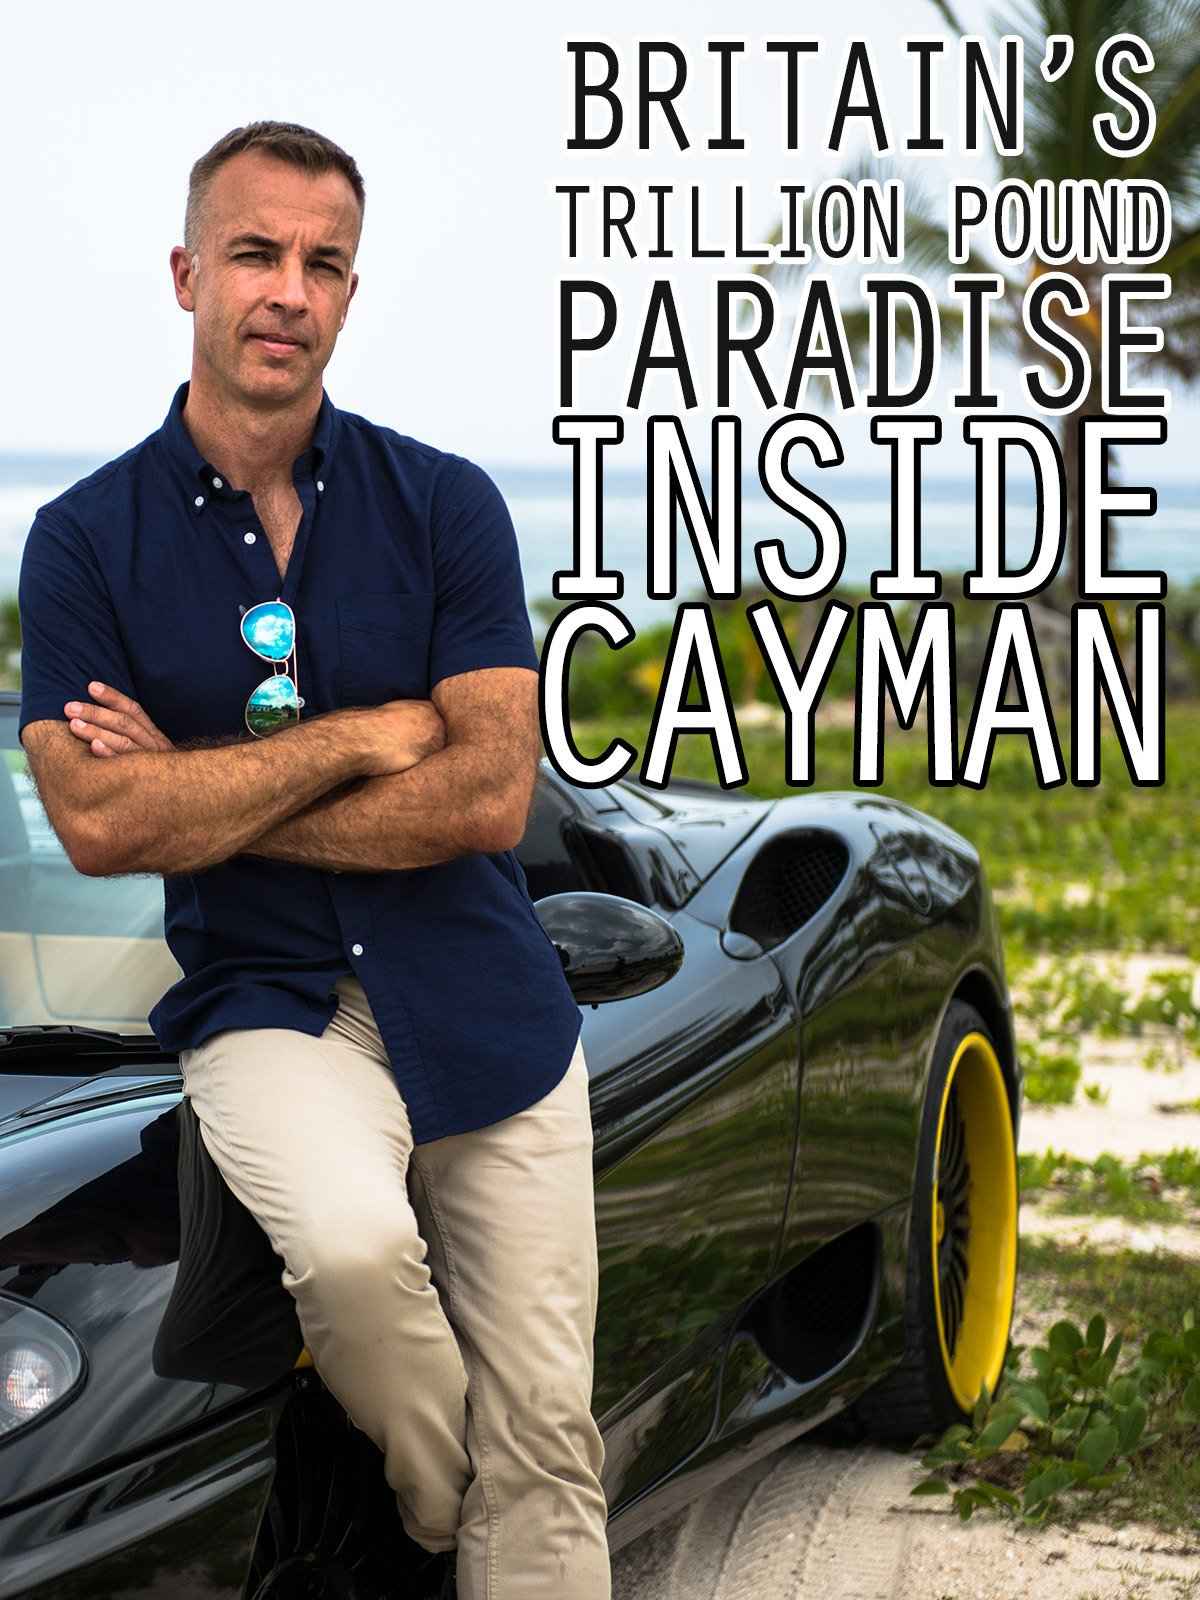 Britain's Trillion Pound Paradise: Inside Cayman